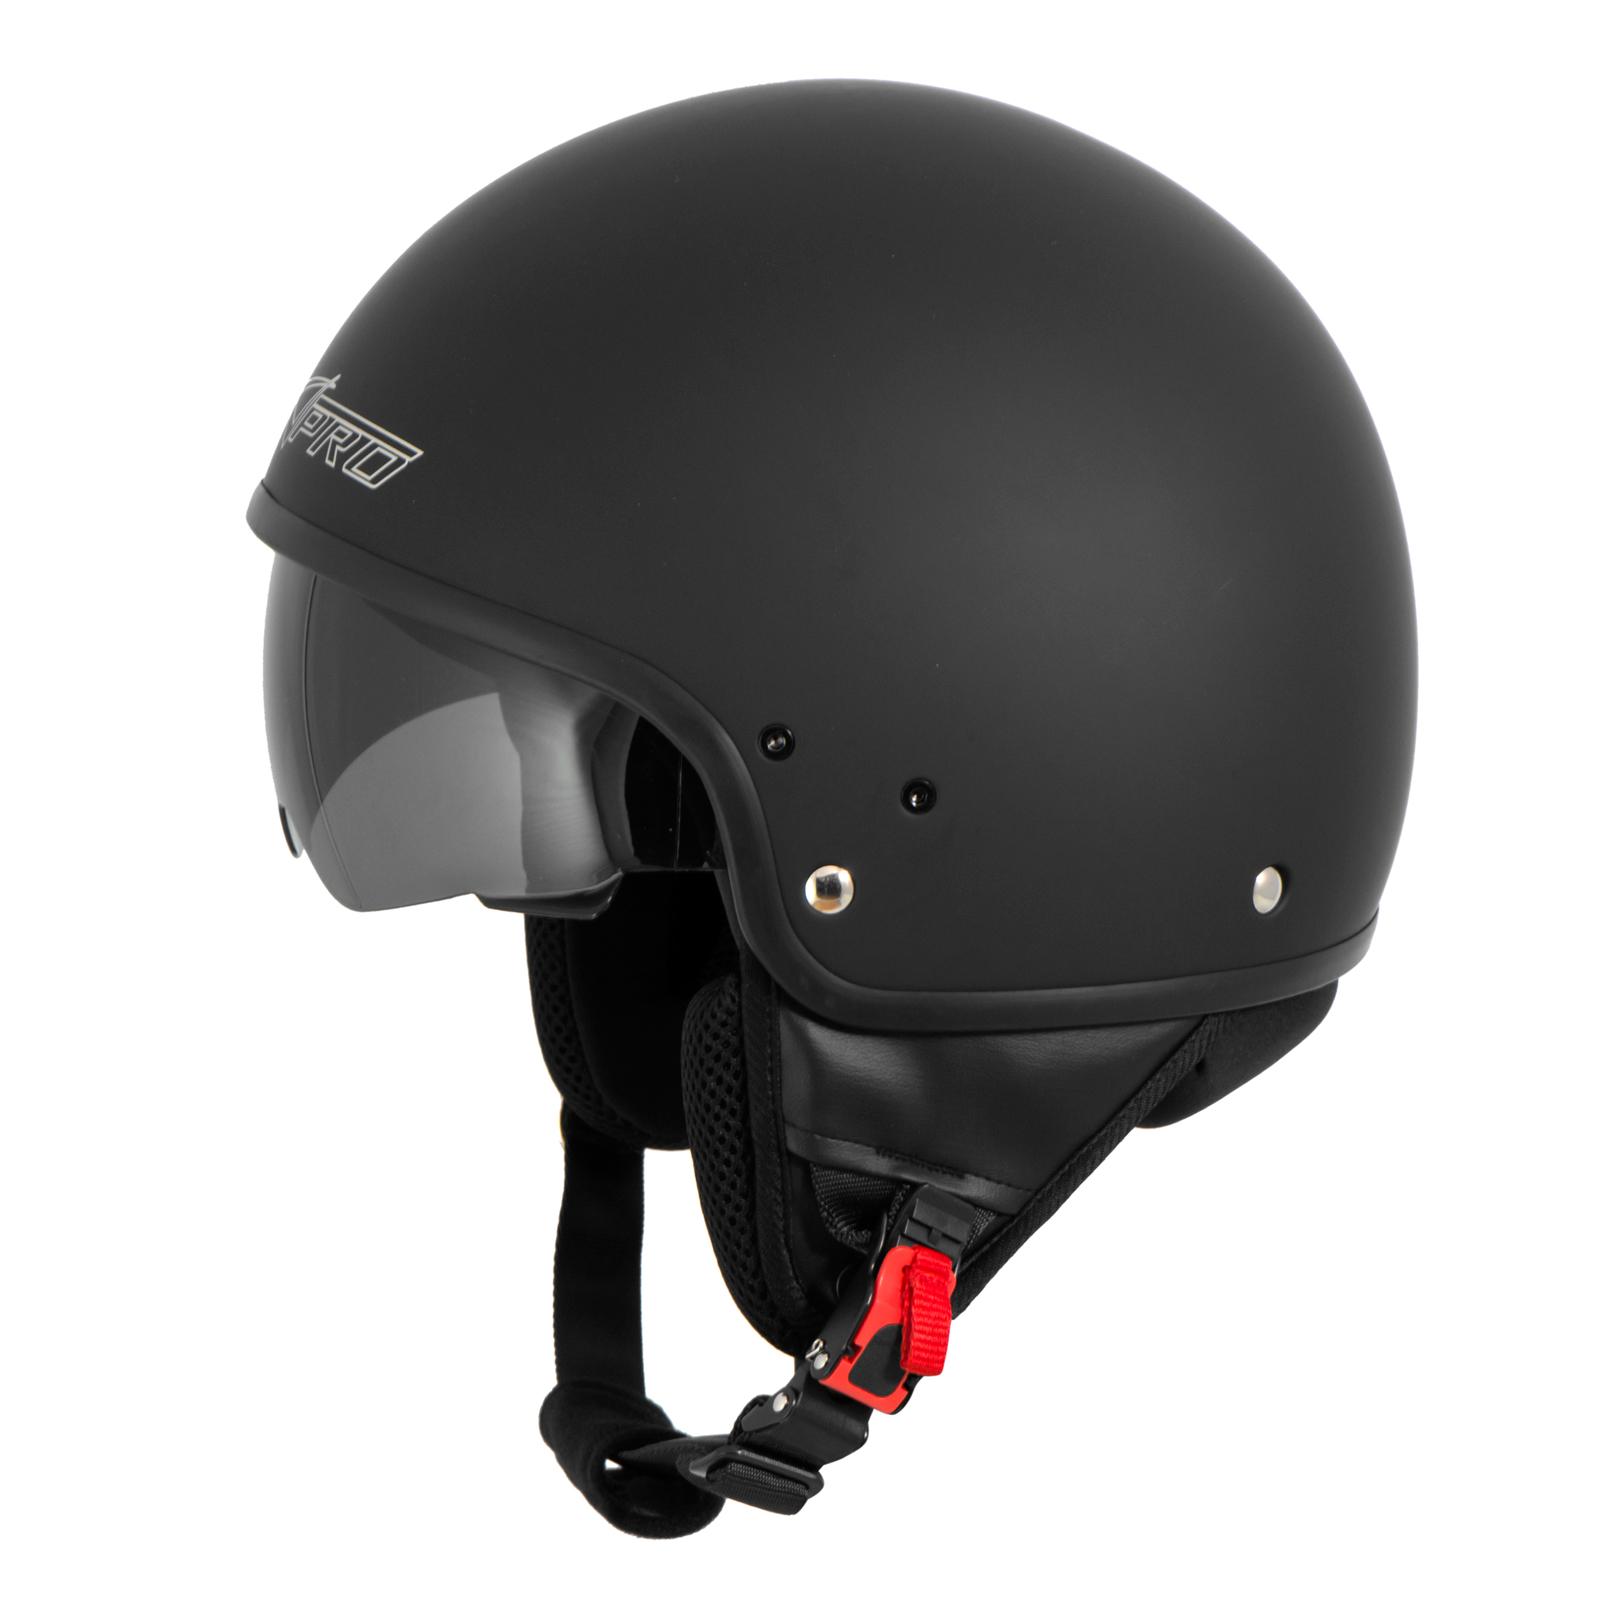 Casco-Jet-Scooter-Moto-Omologato-ECE-22-Visiera-Parasole-SonicMoto miniatura 6